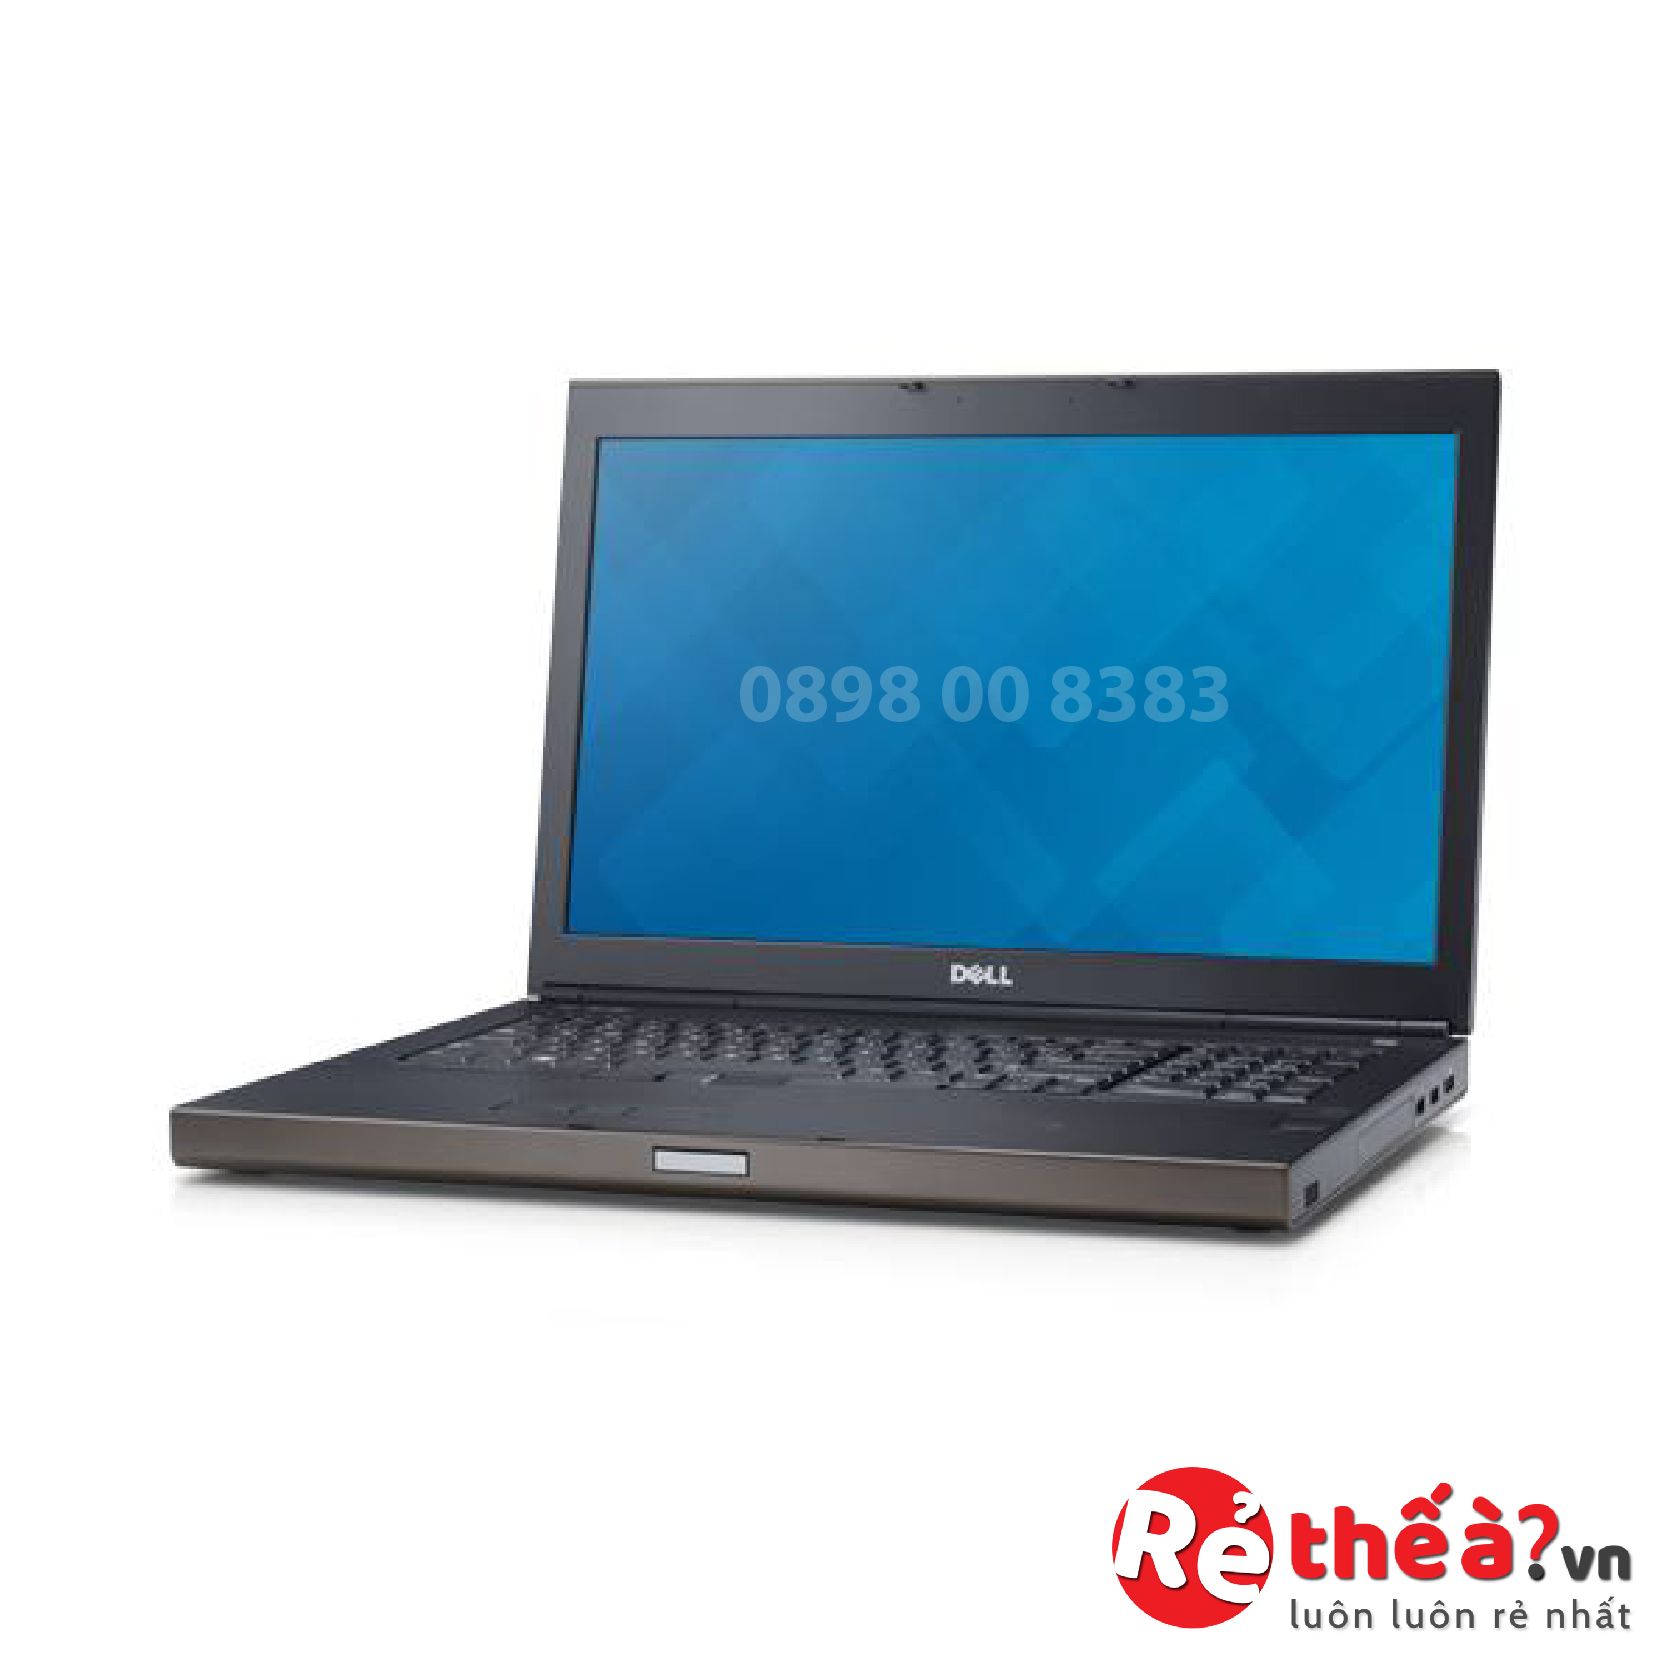 Laptop Dell Precision M6800